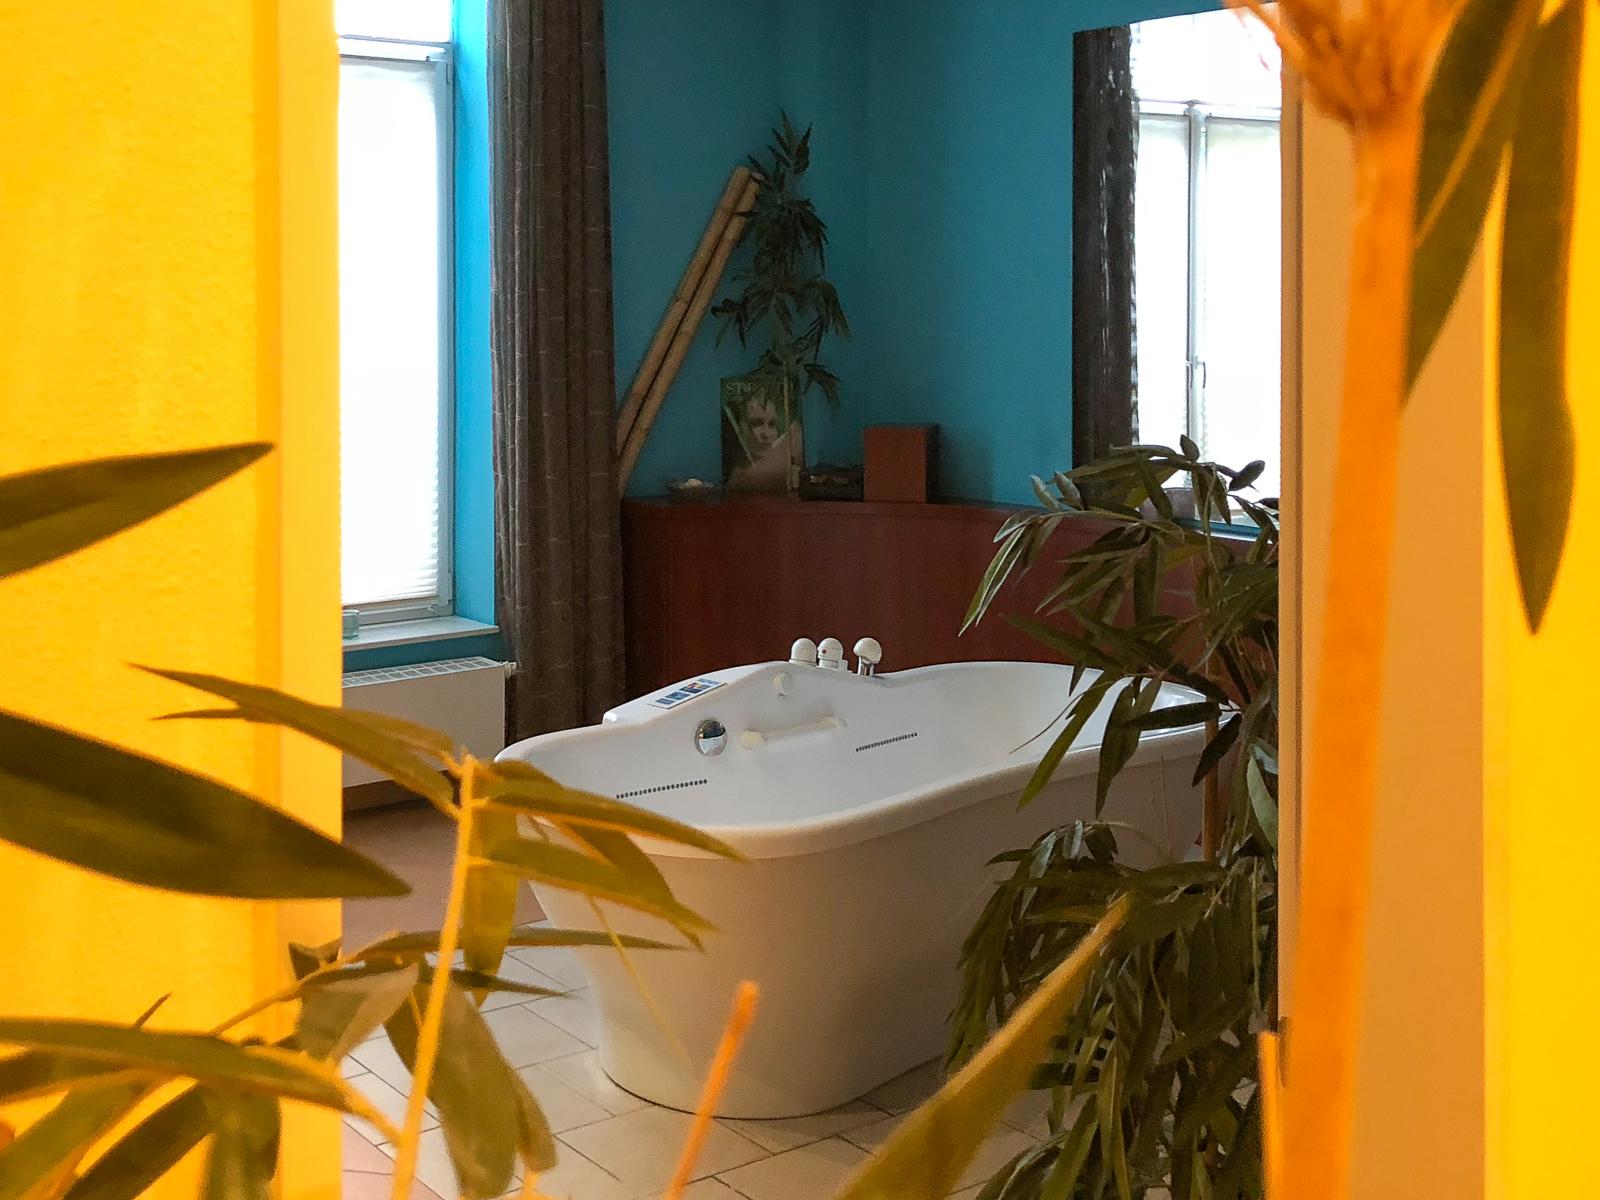 Castanea Resort Hotel, best Western, Lüneburg